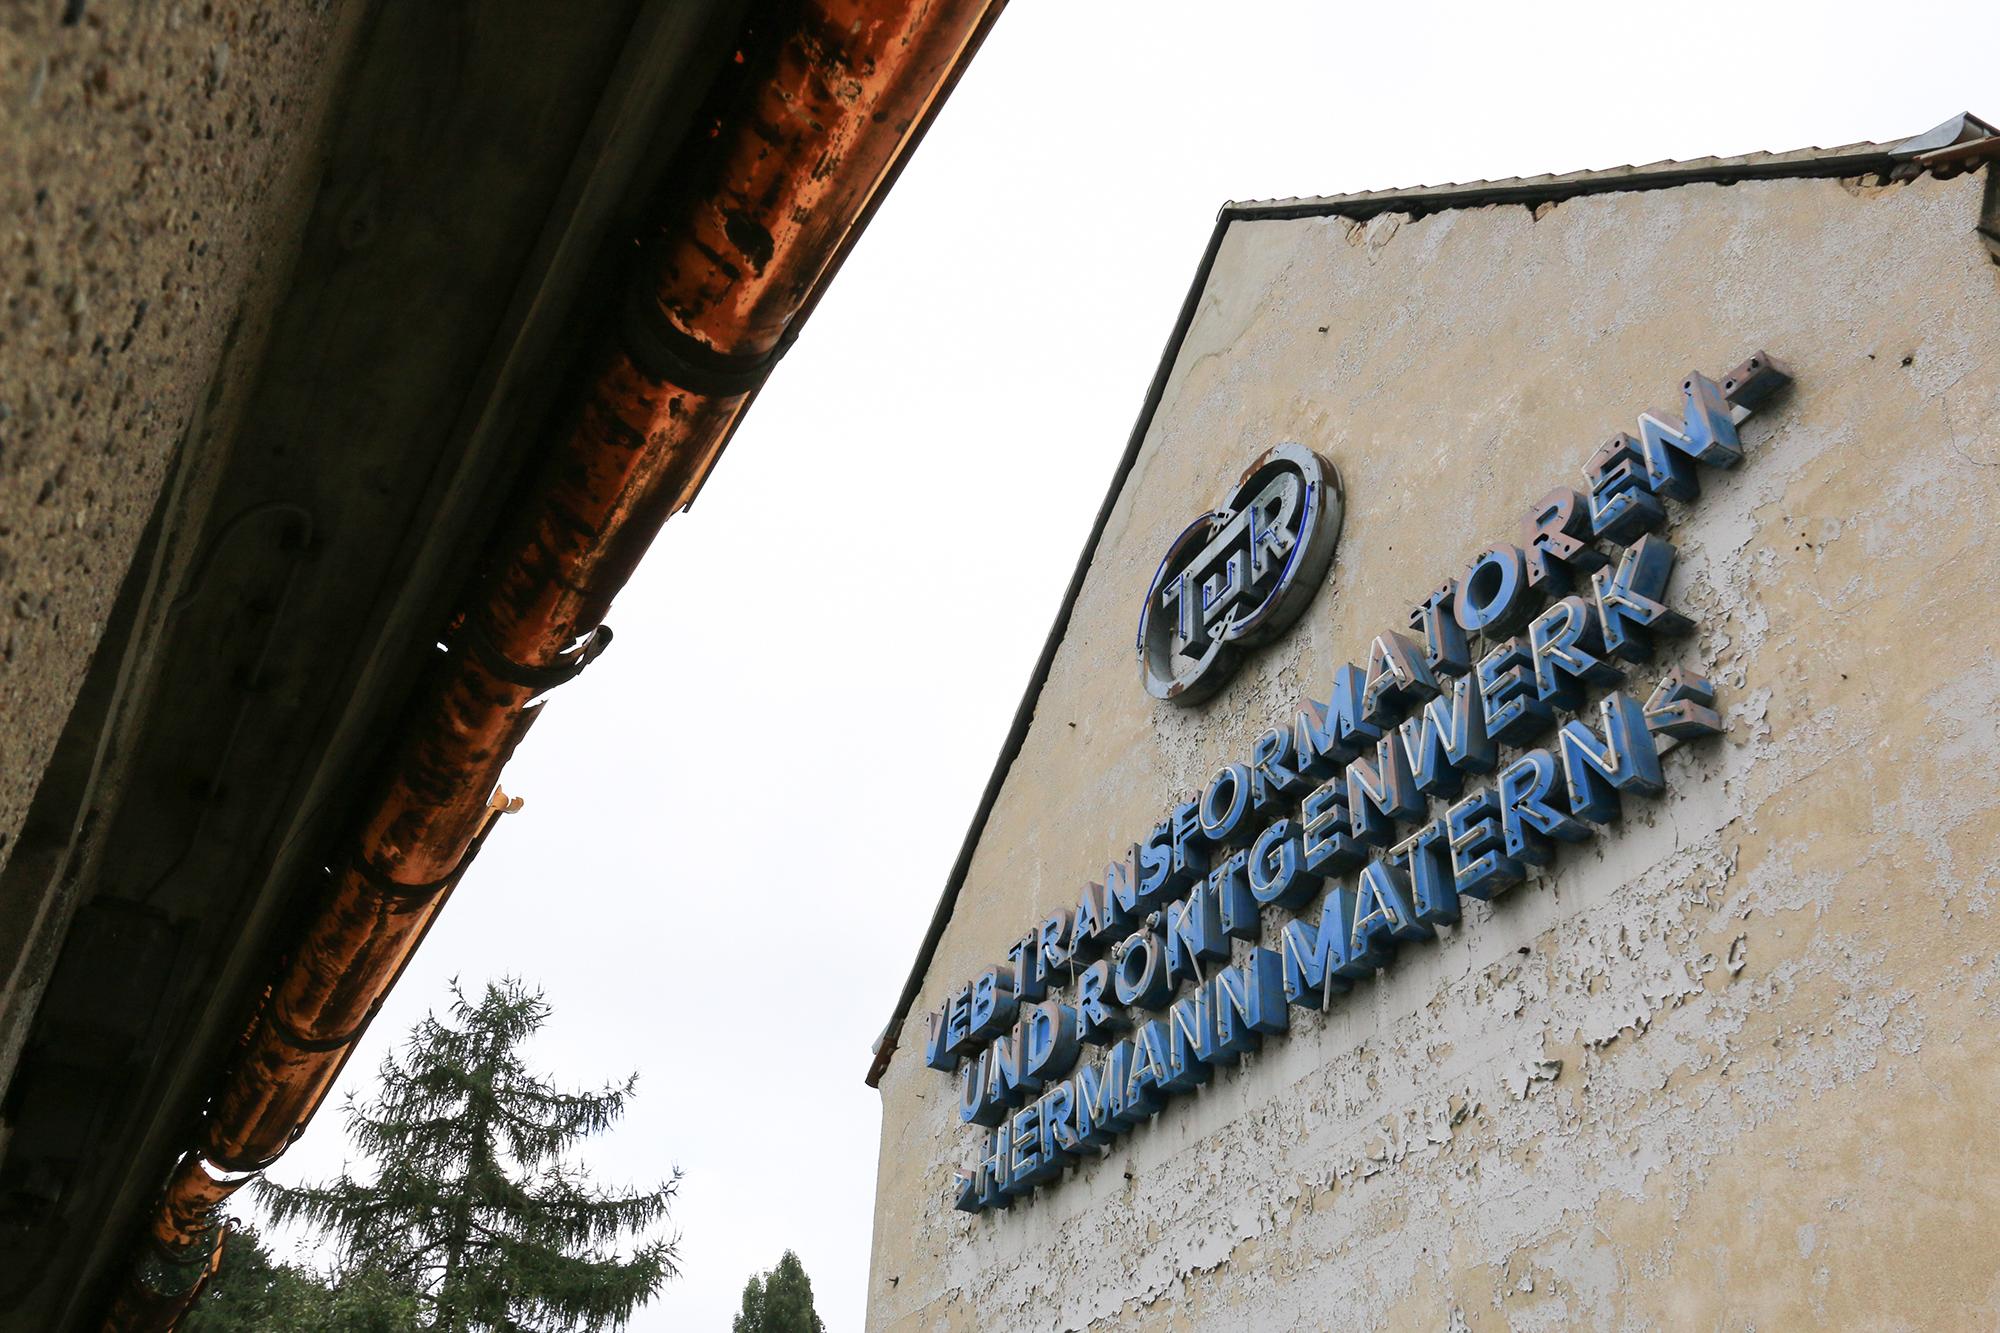 VEB Transformatoren & Röntgenwerk 'Hermann Mattern' Dresden